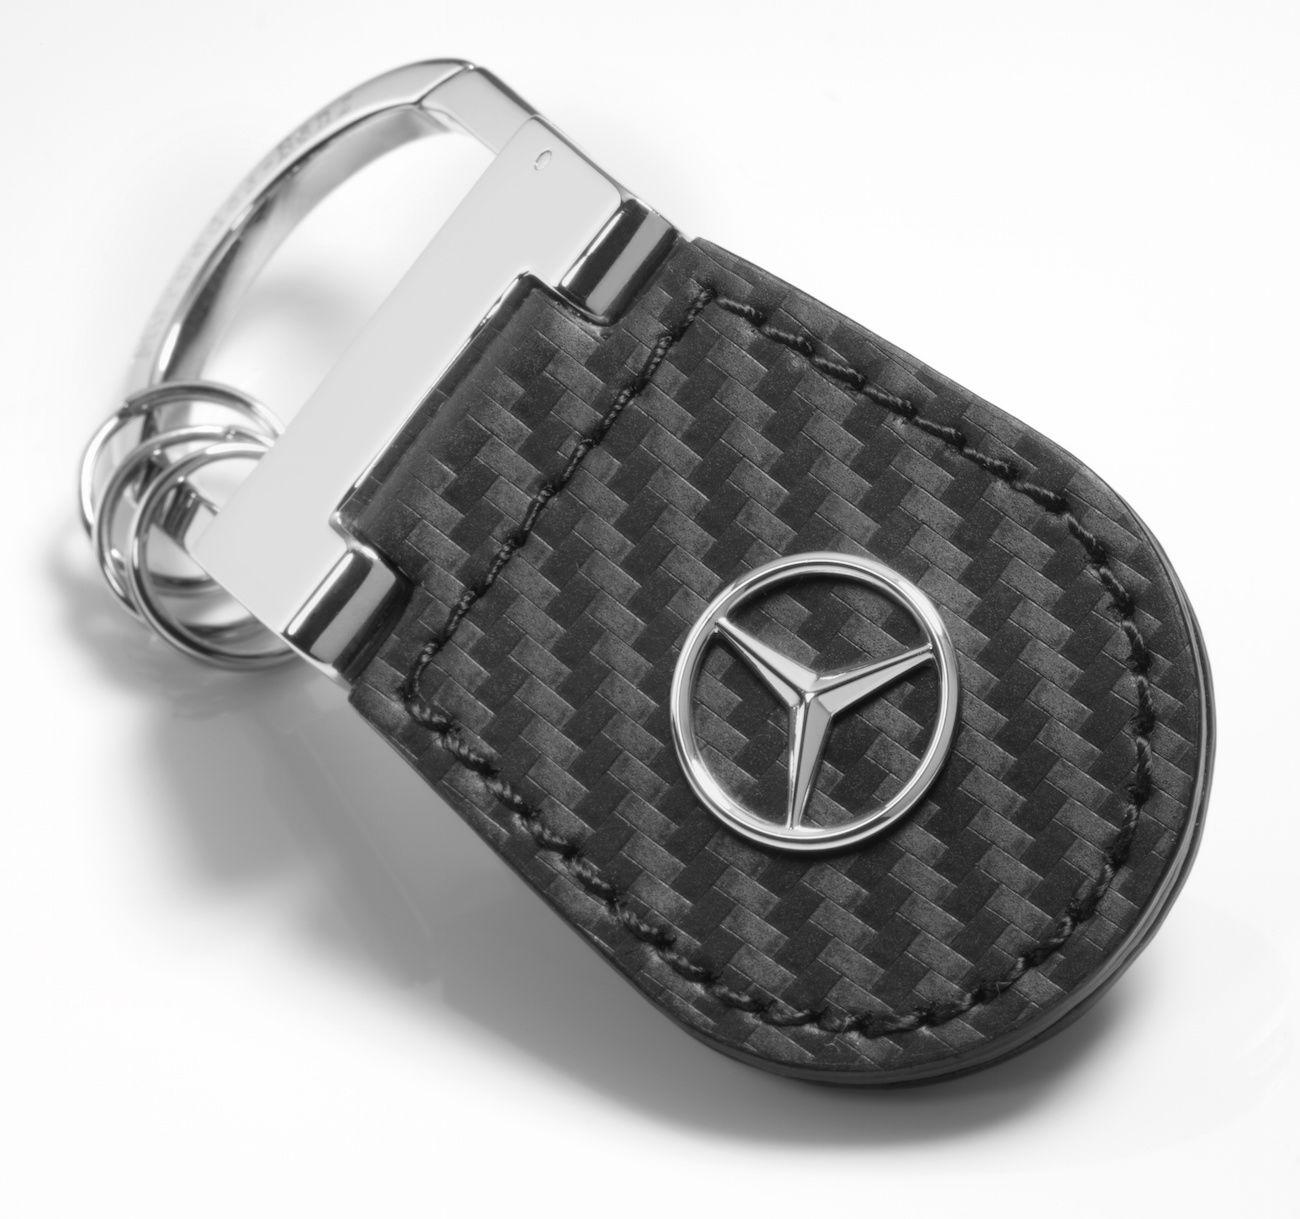 Брелок Mercedes-Benz Key Ring Shanghai, Carbon Leather, Black